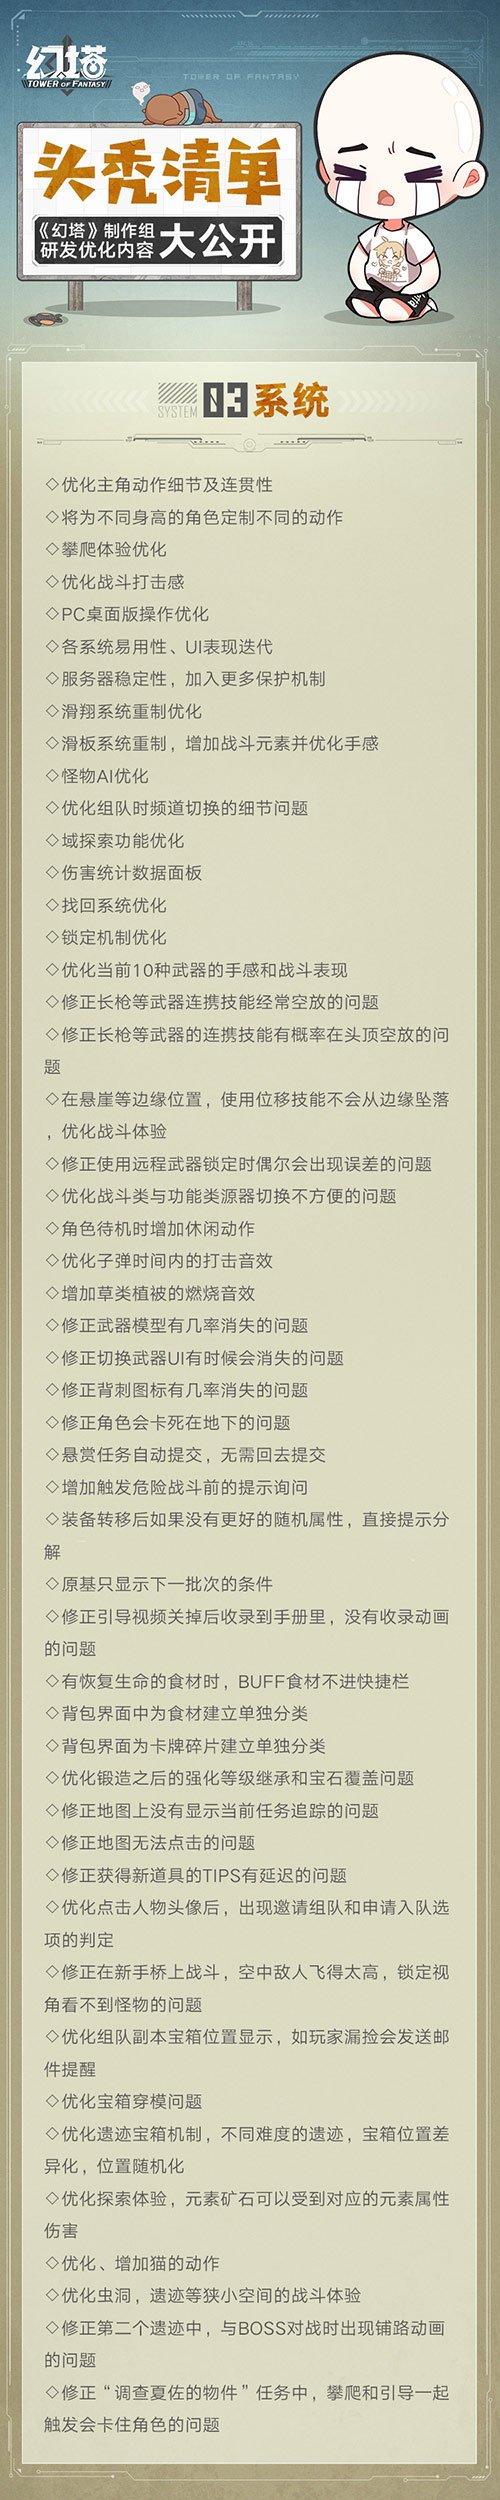 图4 头秃清单 系统篇.jpg